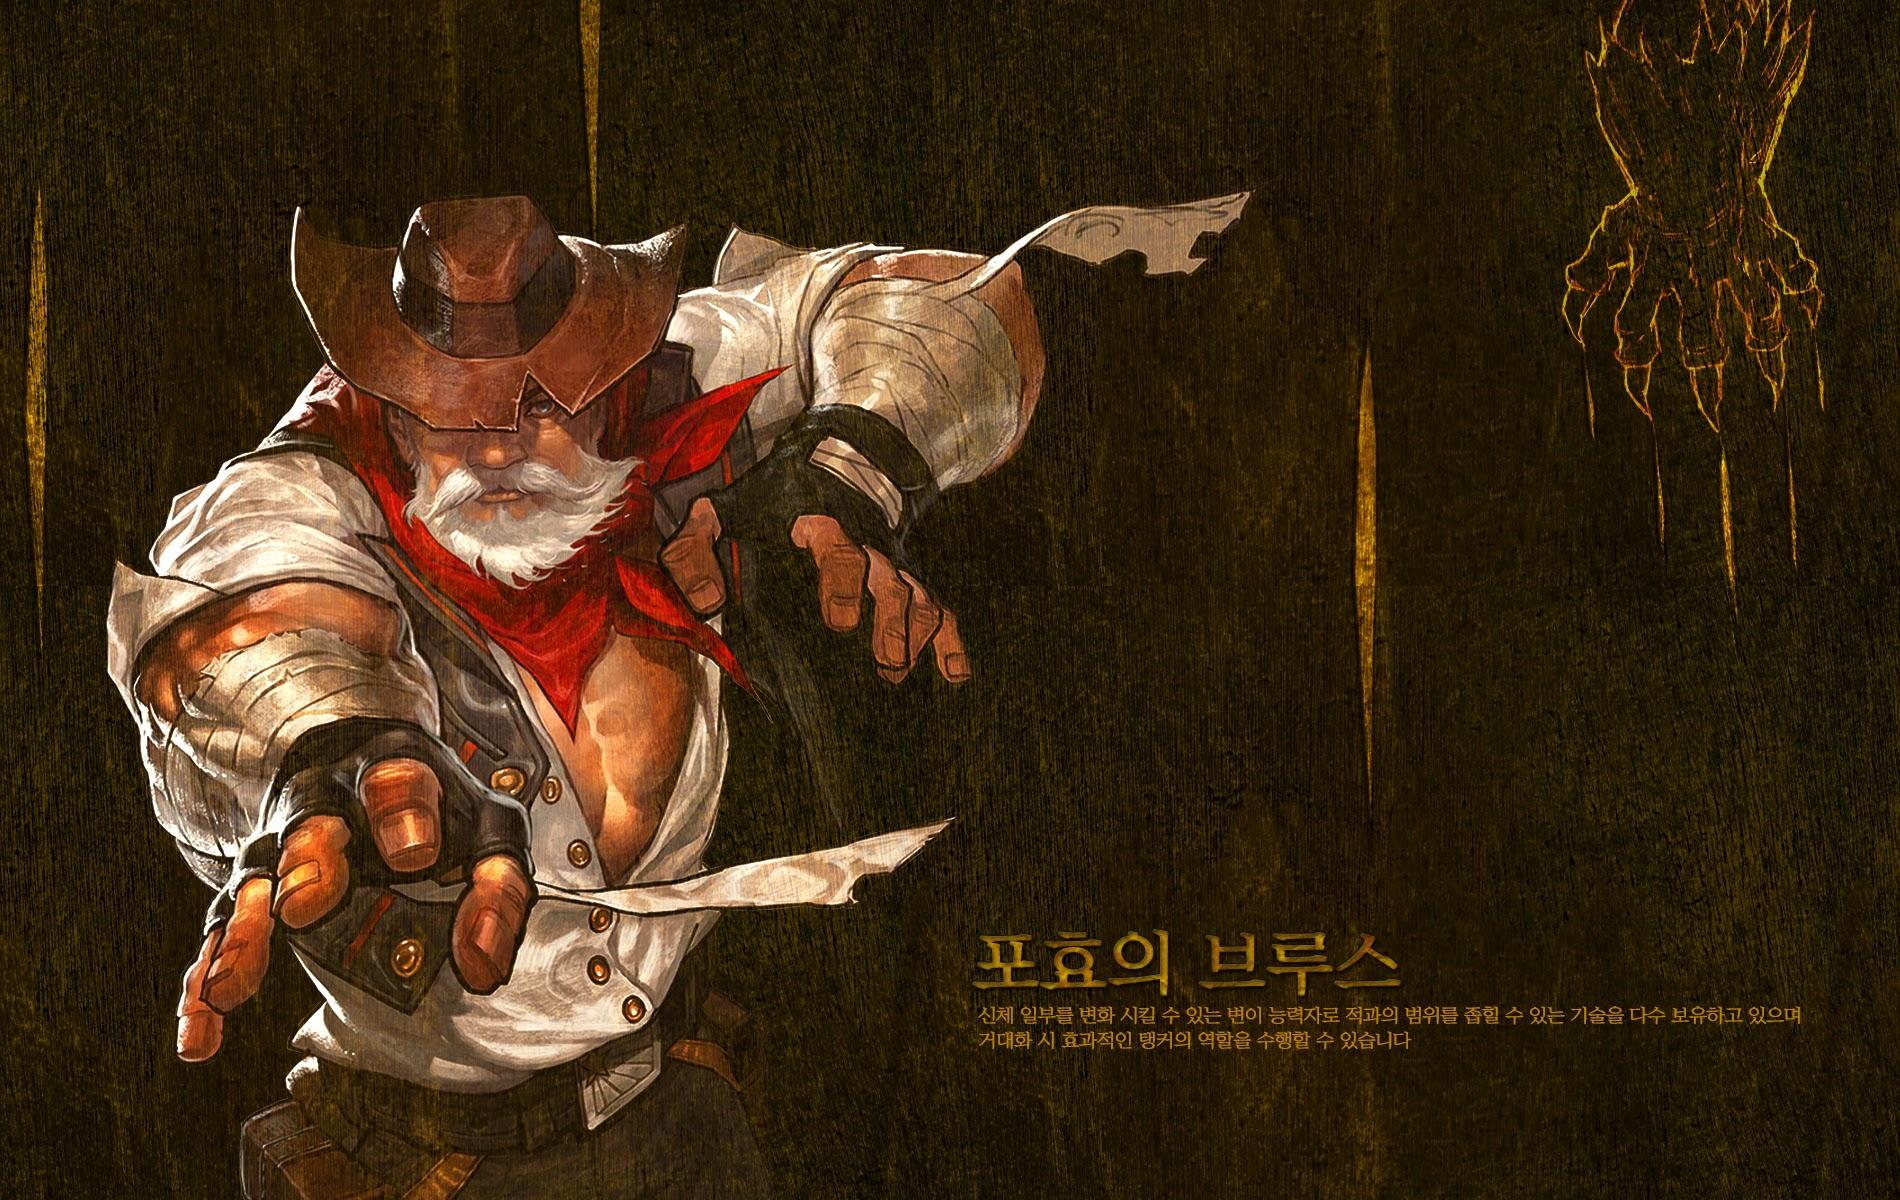 Hình nền tuyệt đẹp của Cyphers Online Hàn Quốc